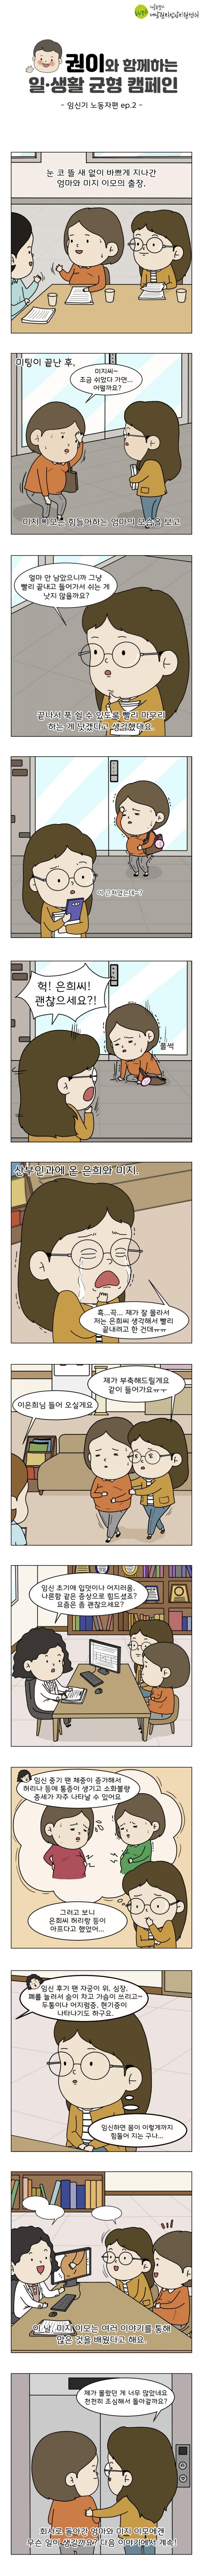 ©서울특별시 서남권직장맘지원센터